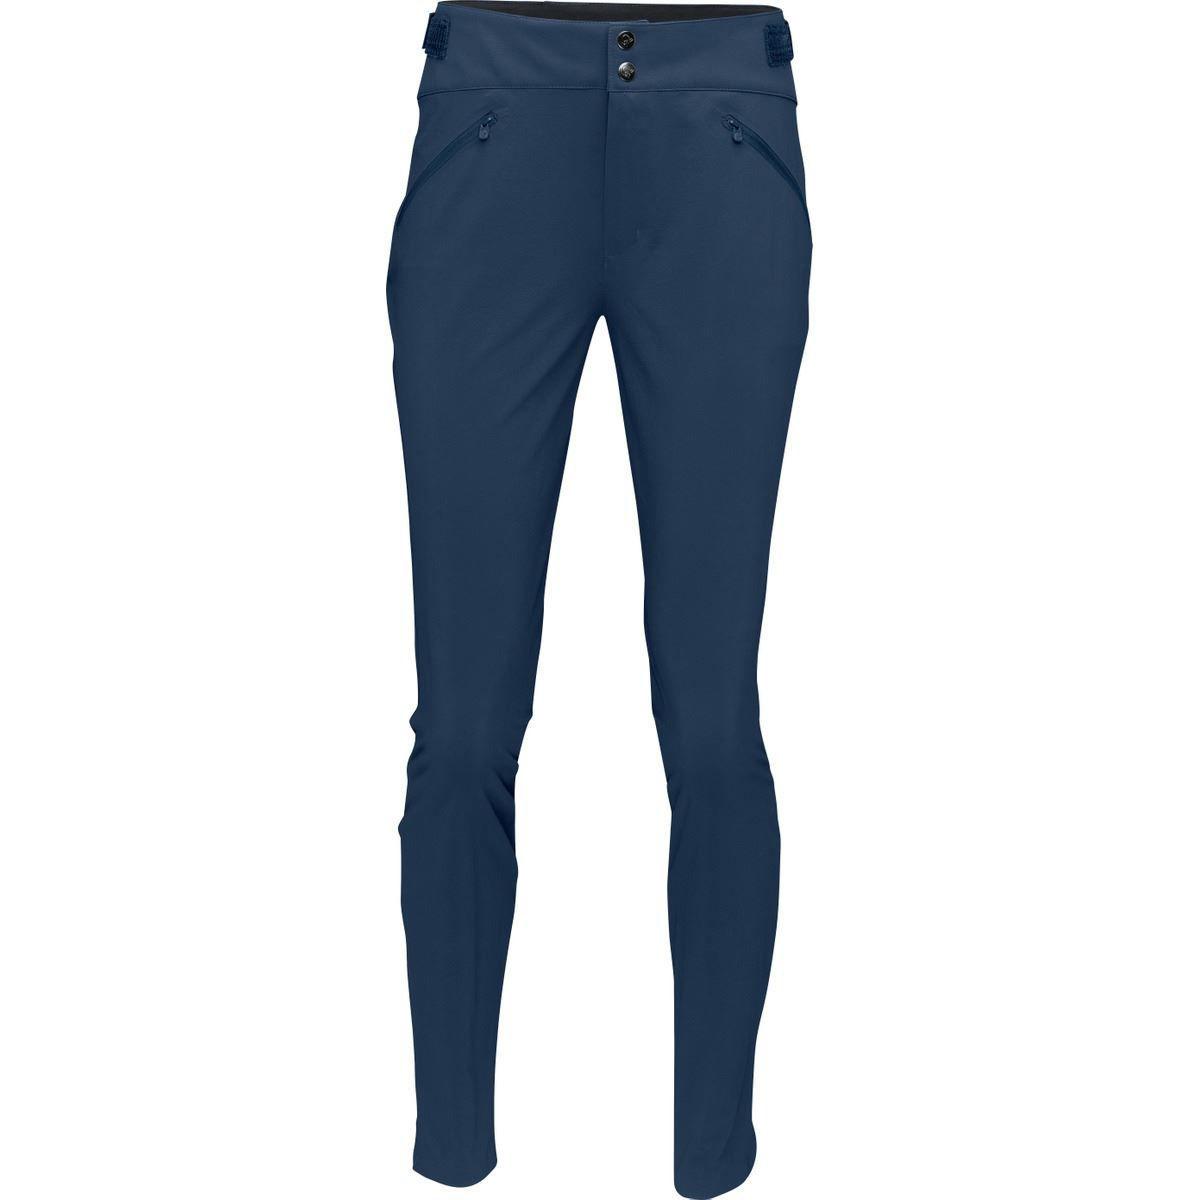 Blå turbukse til dame med smal passform